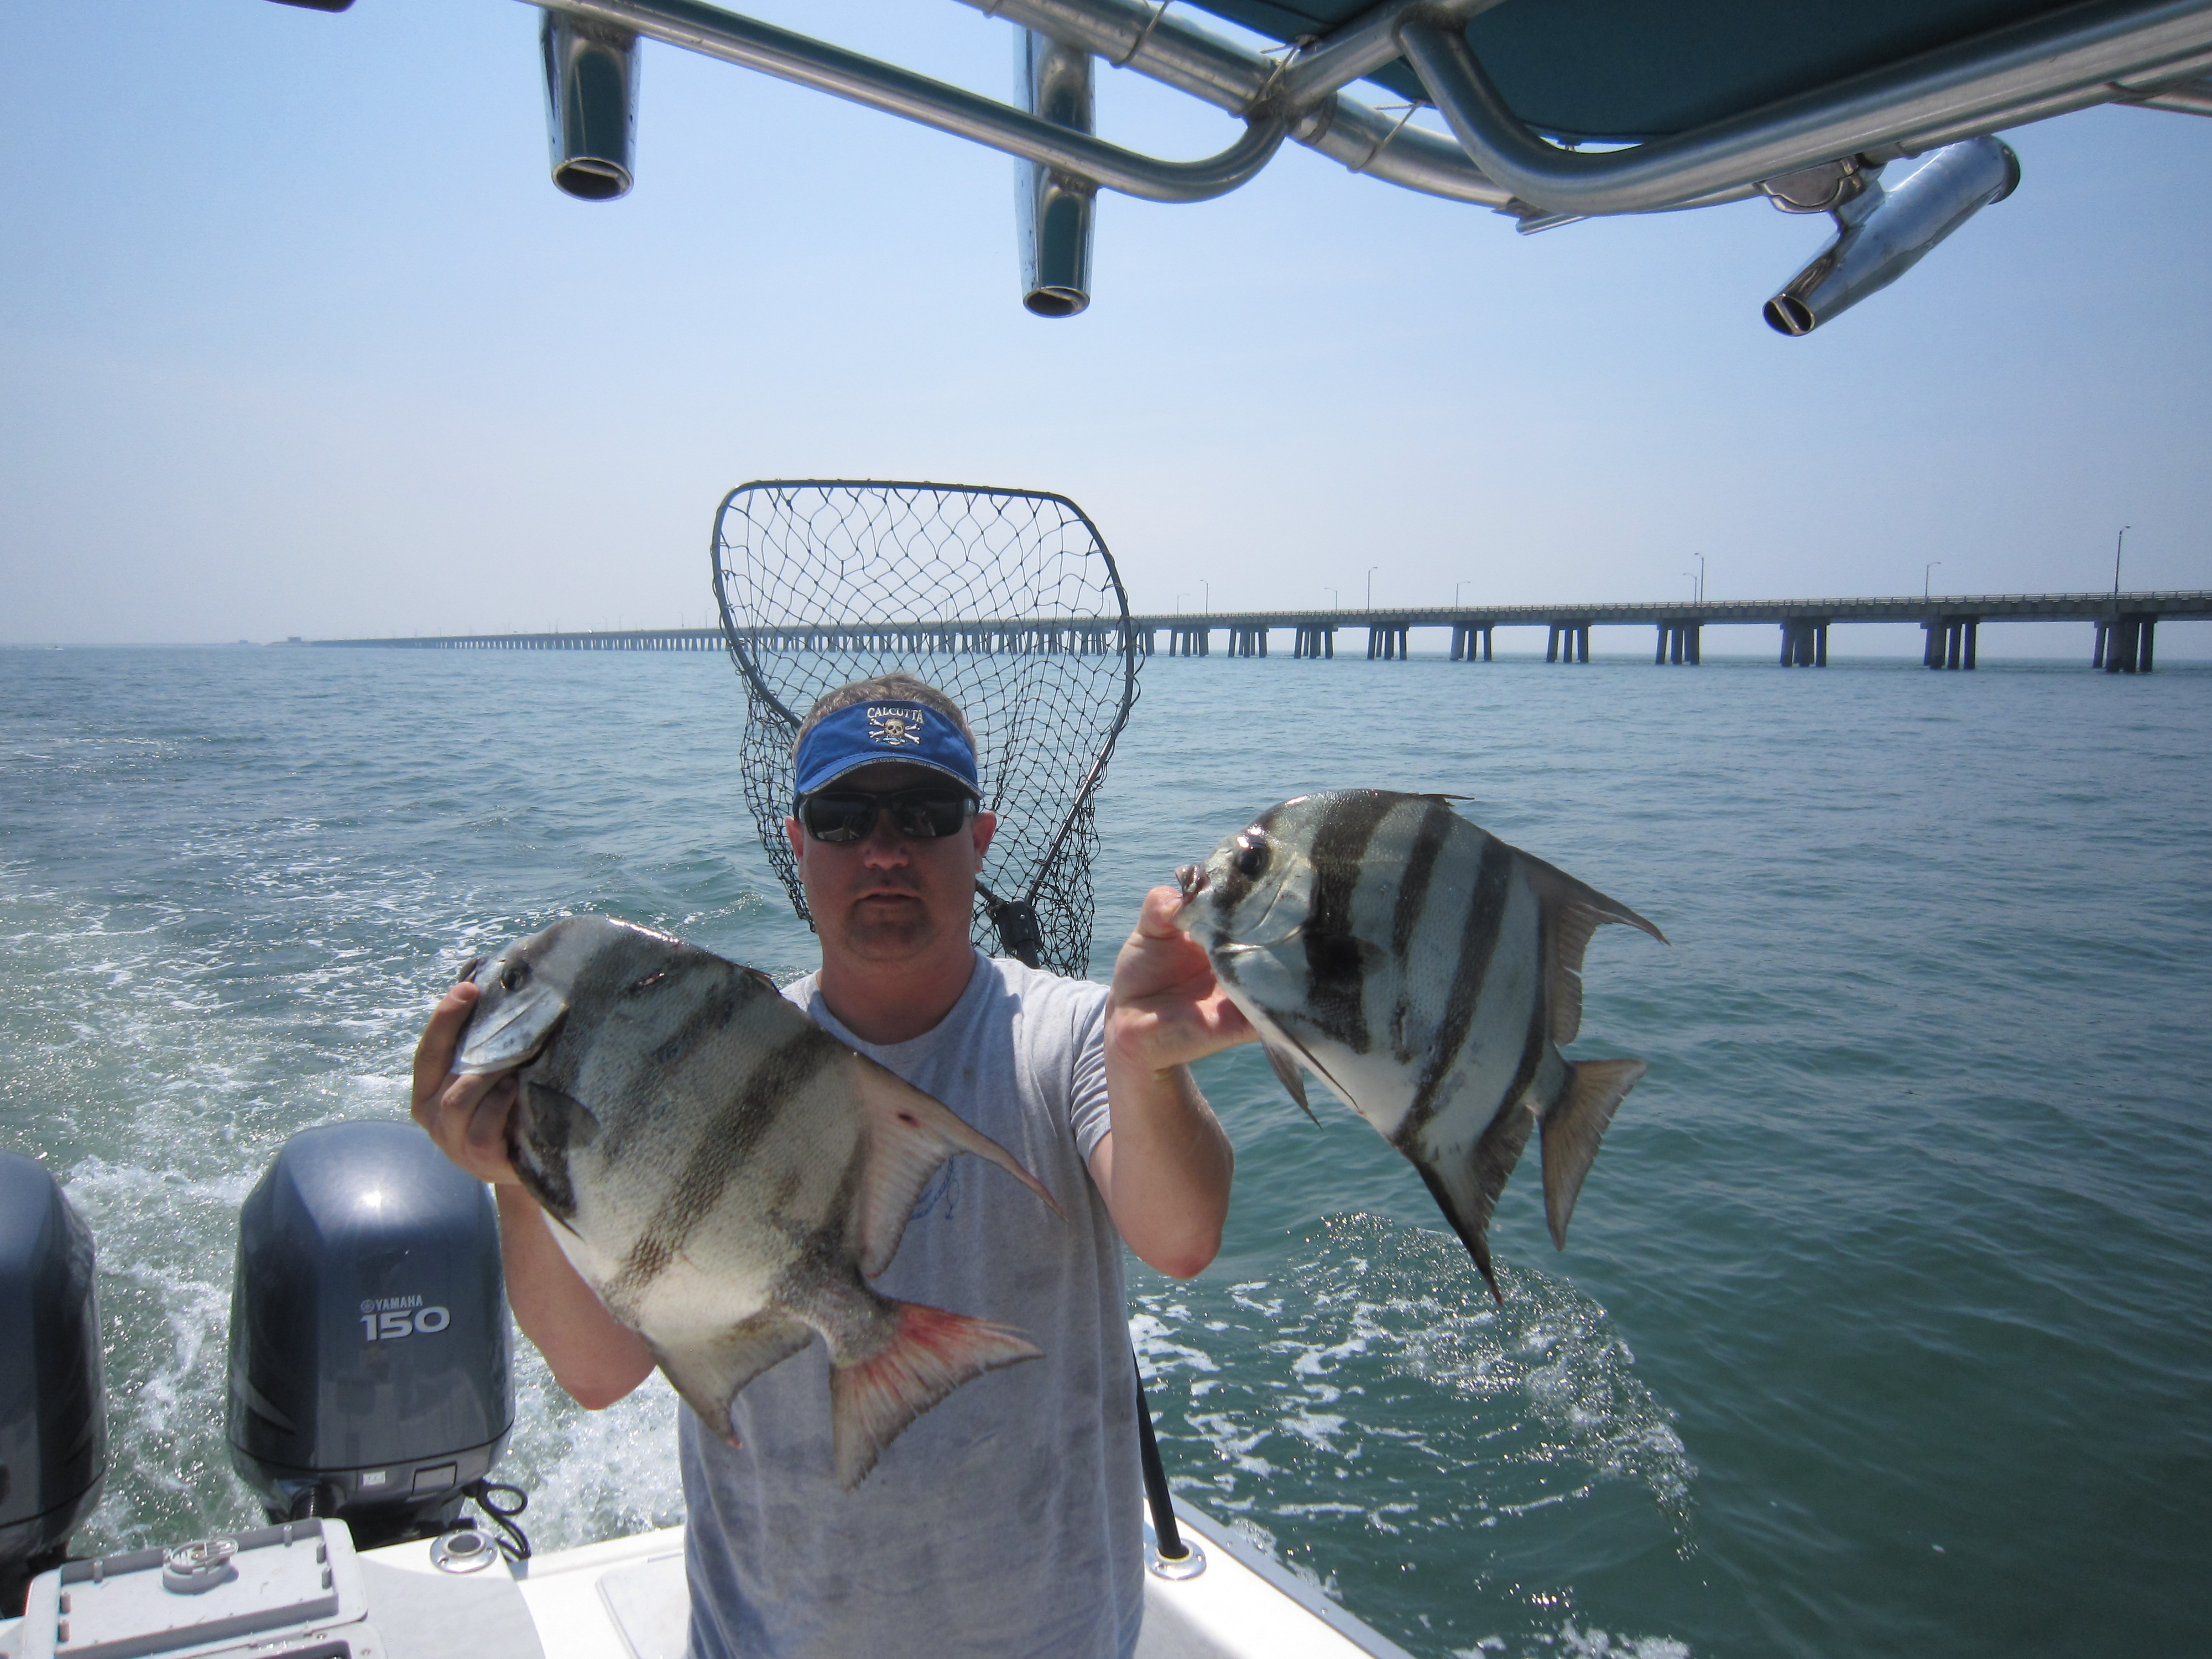 Charter fishing finao sportfishing for Fishing chesapeake bay